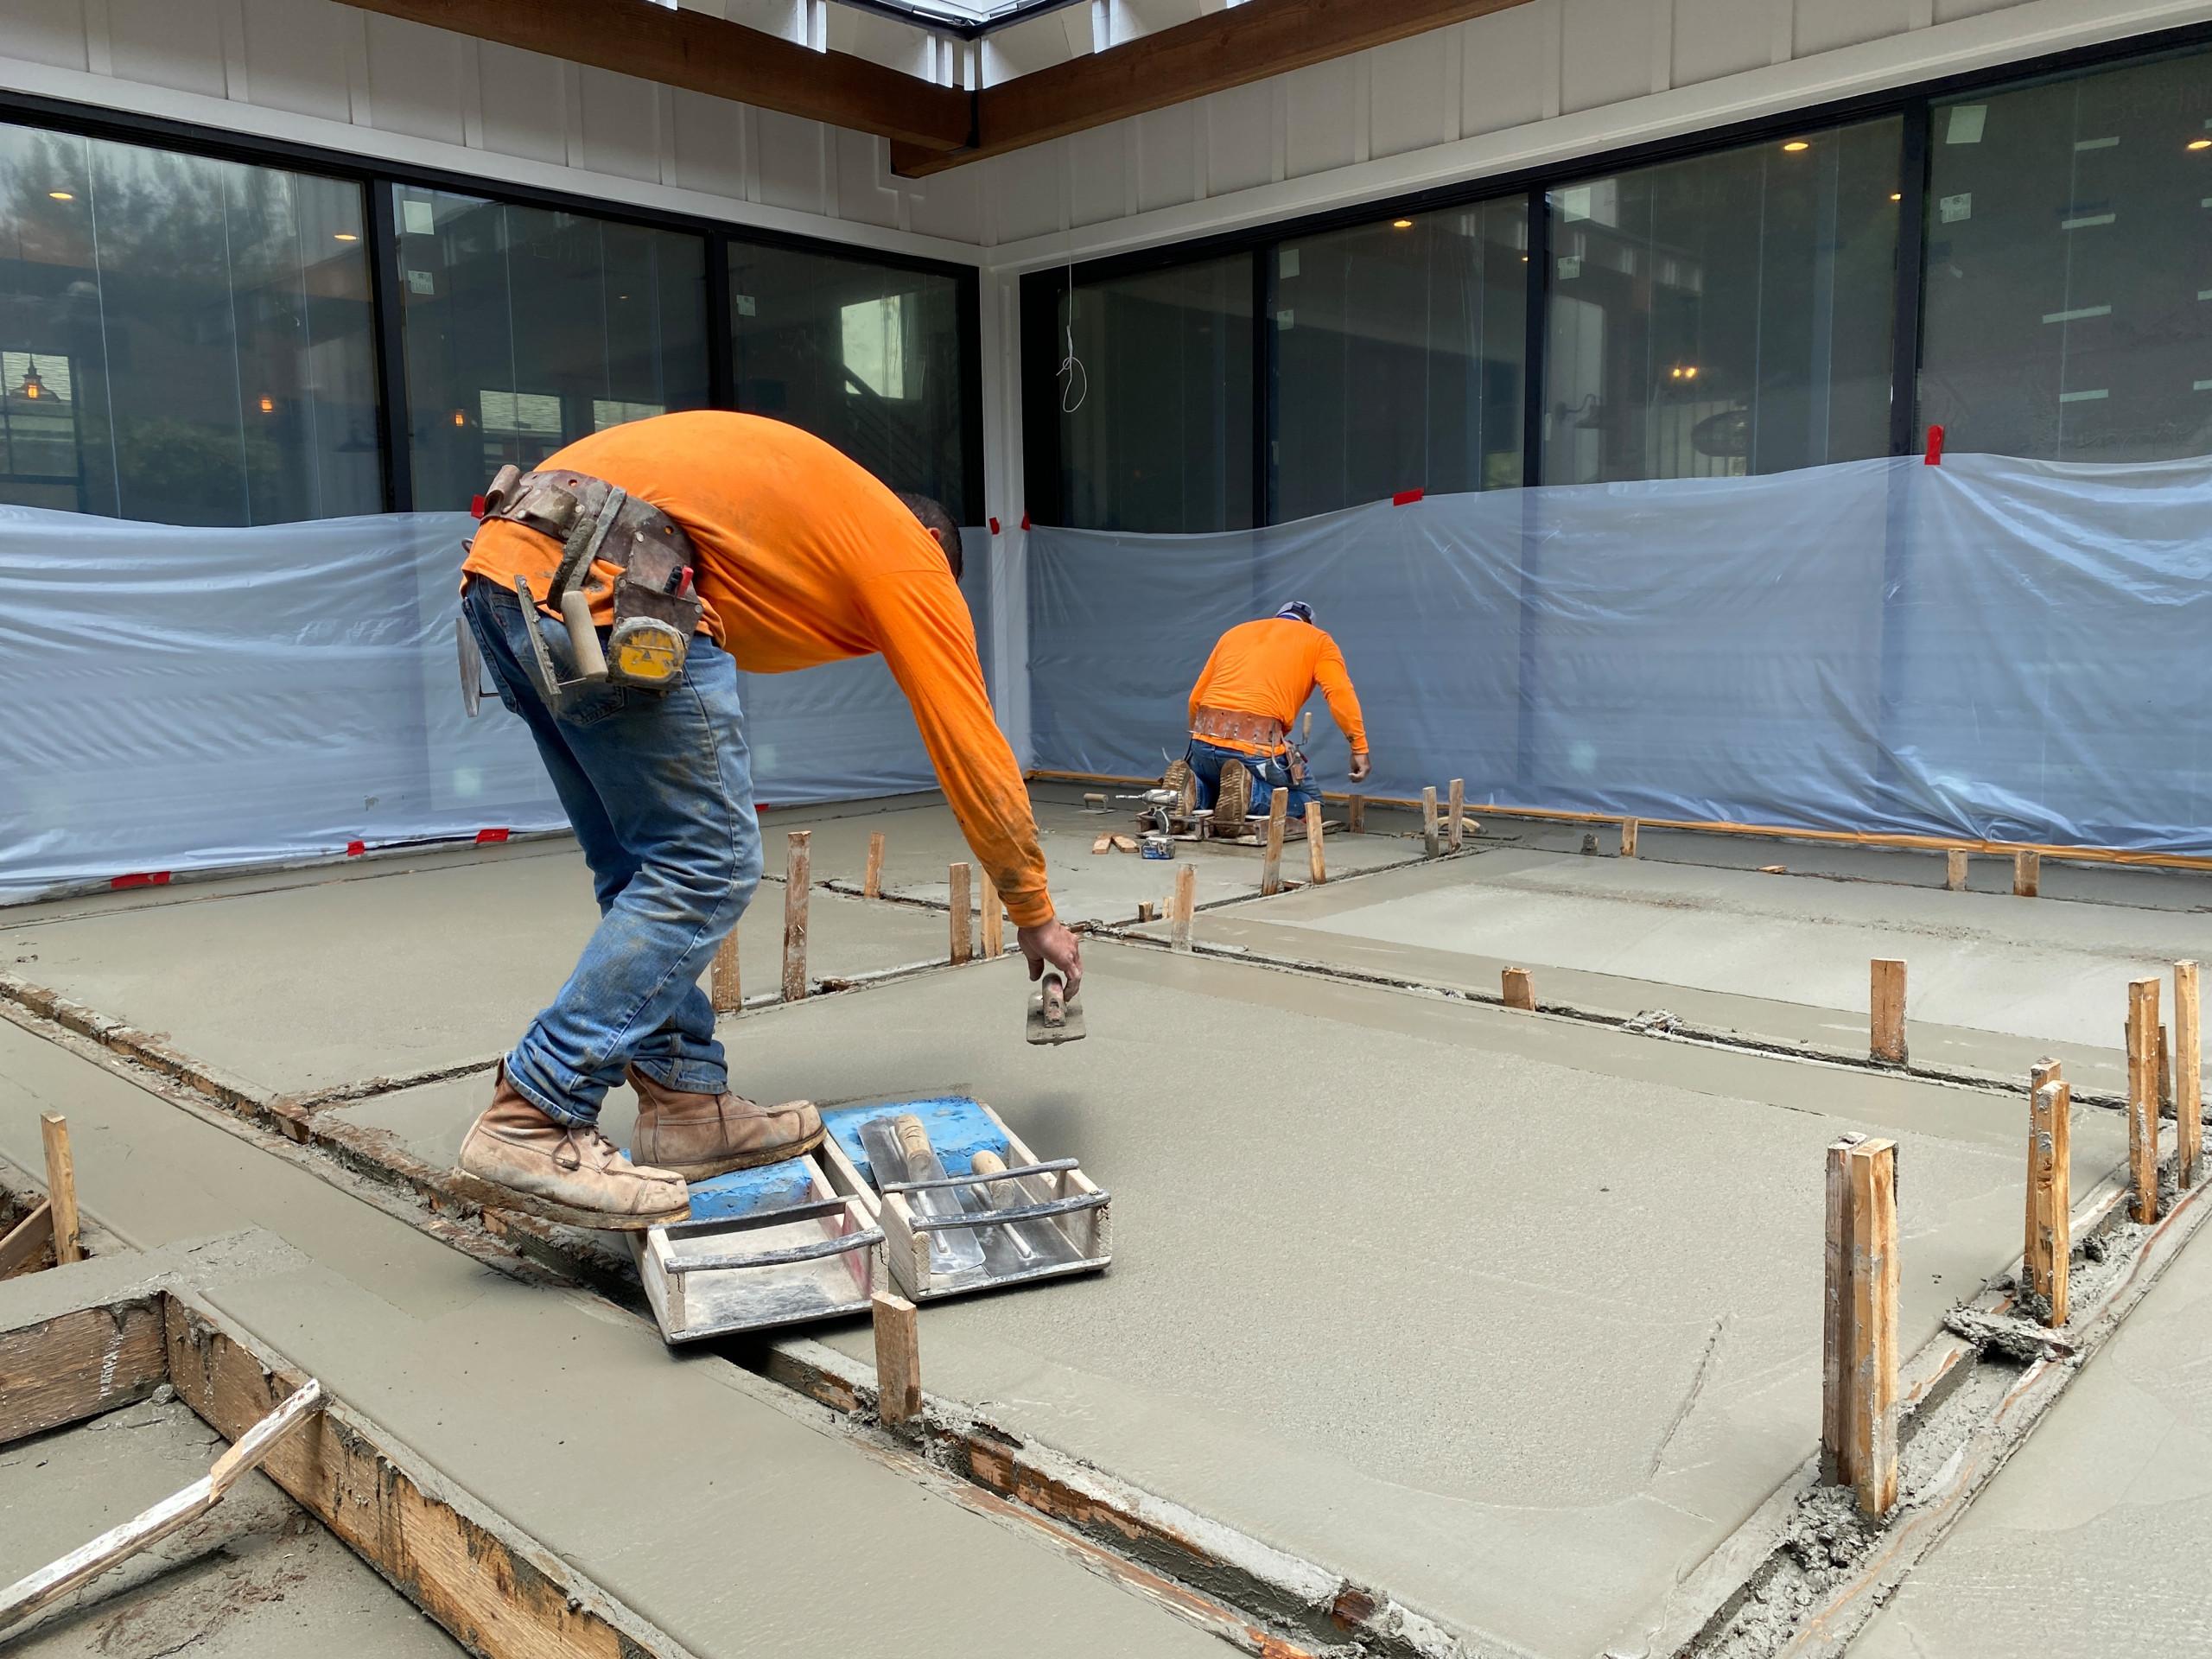 Finishing a New Concrete Patio in La Jolla Shores